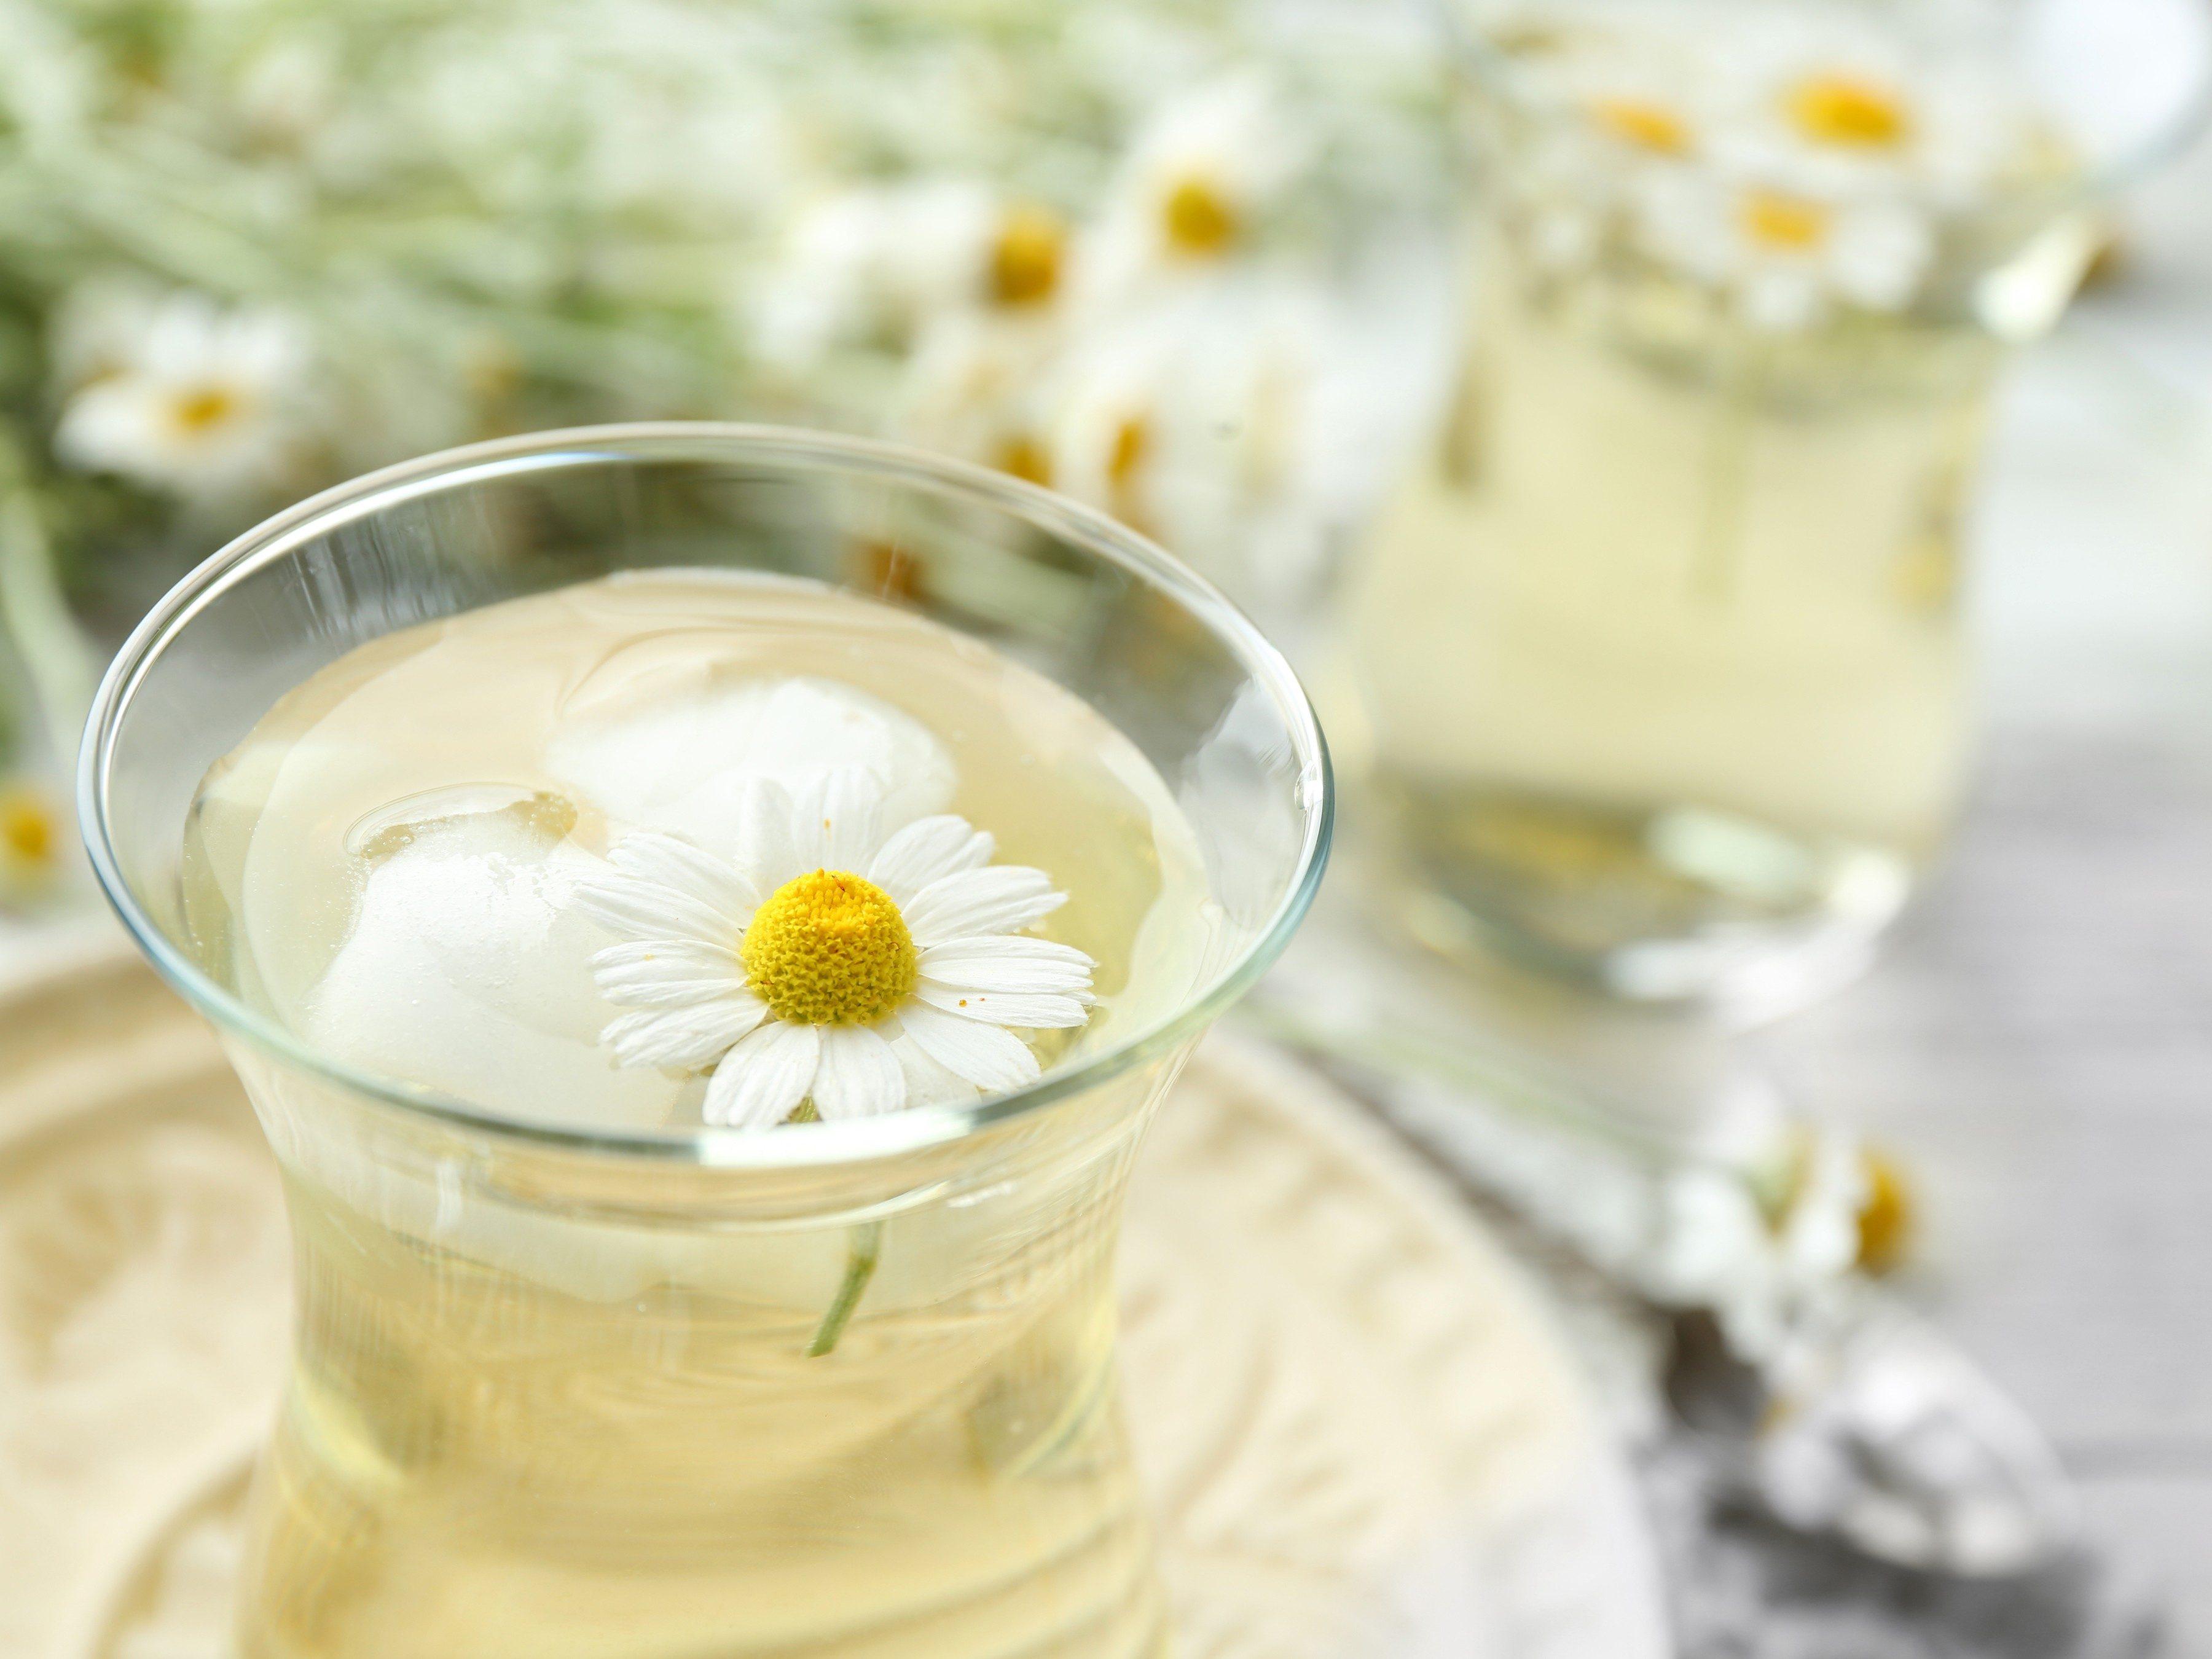 4. Warm chamomile tea